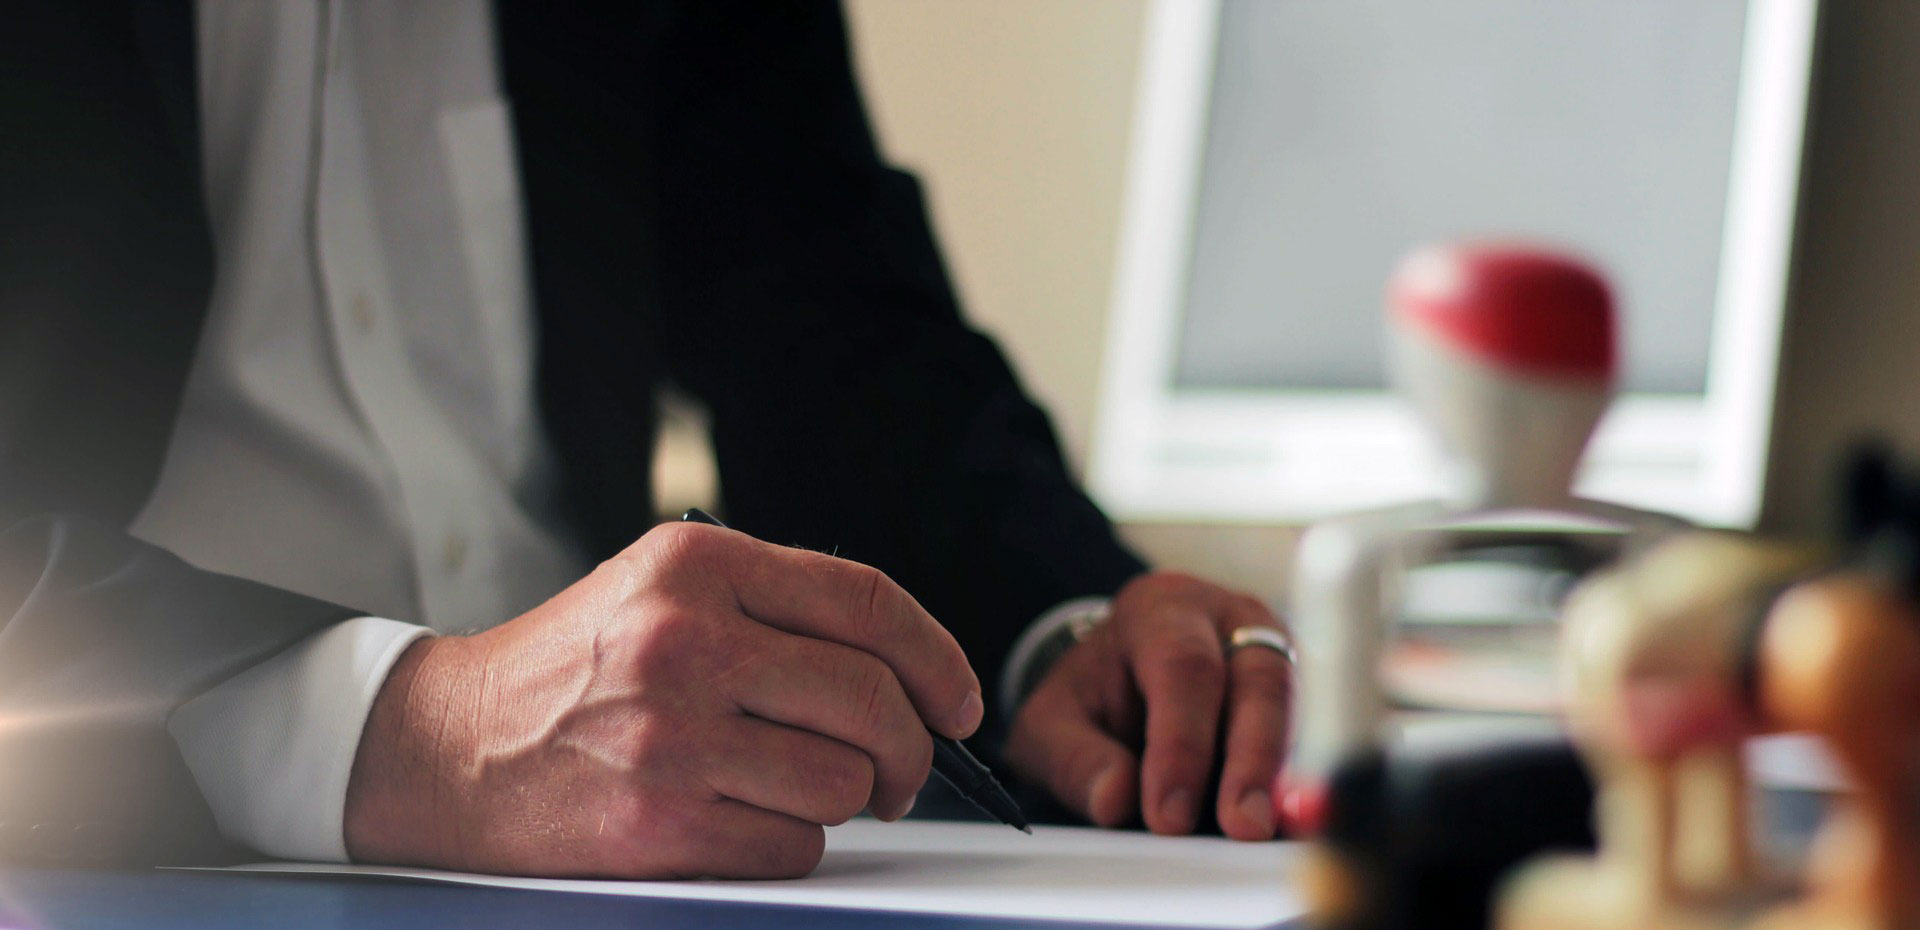 بهترین وکیل انعقاد قرارداد در مشهد